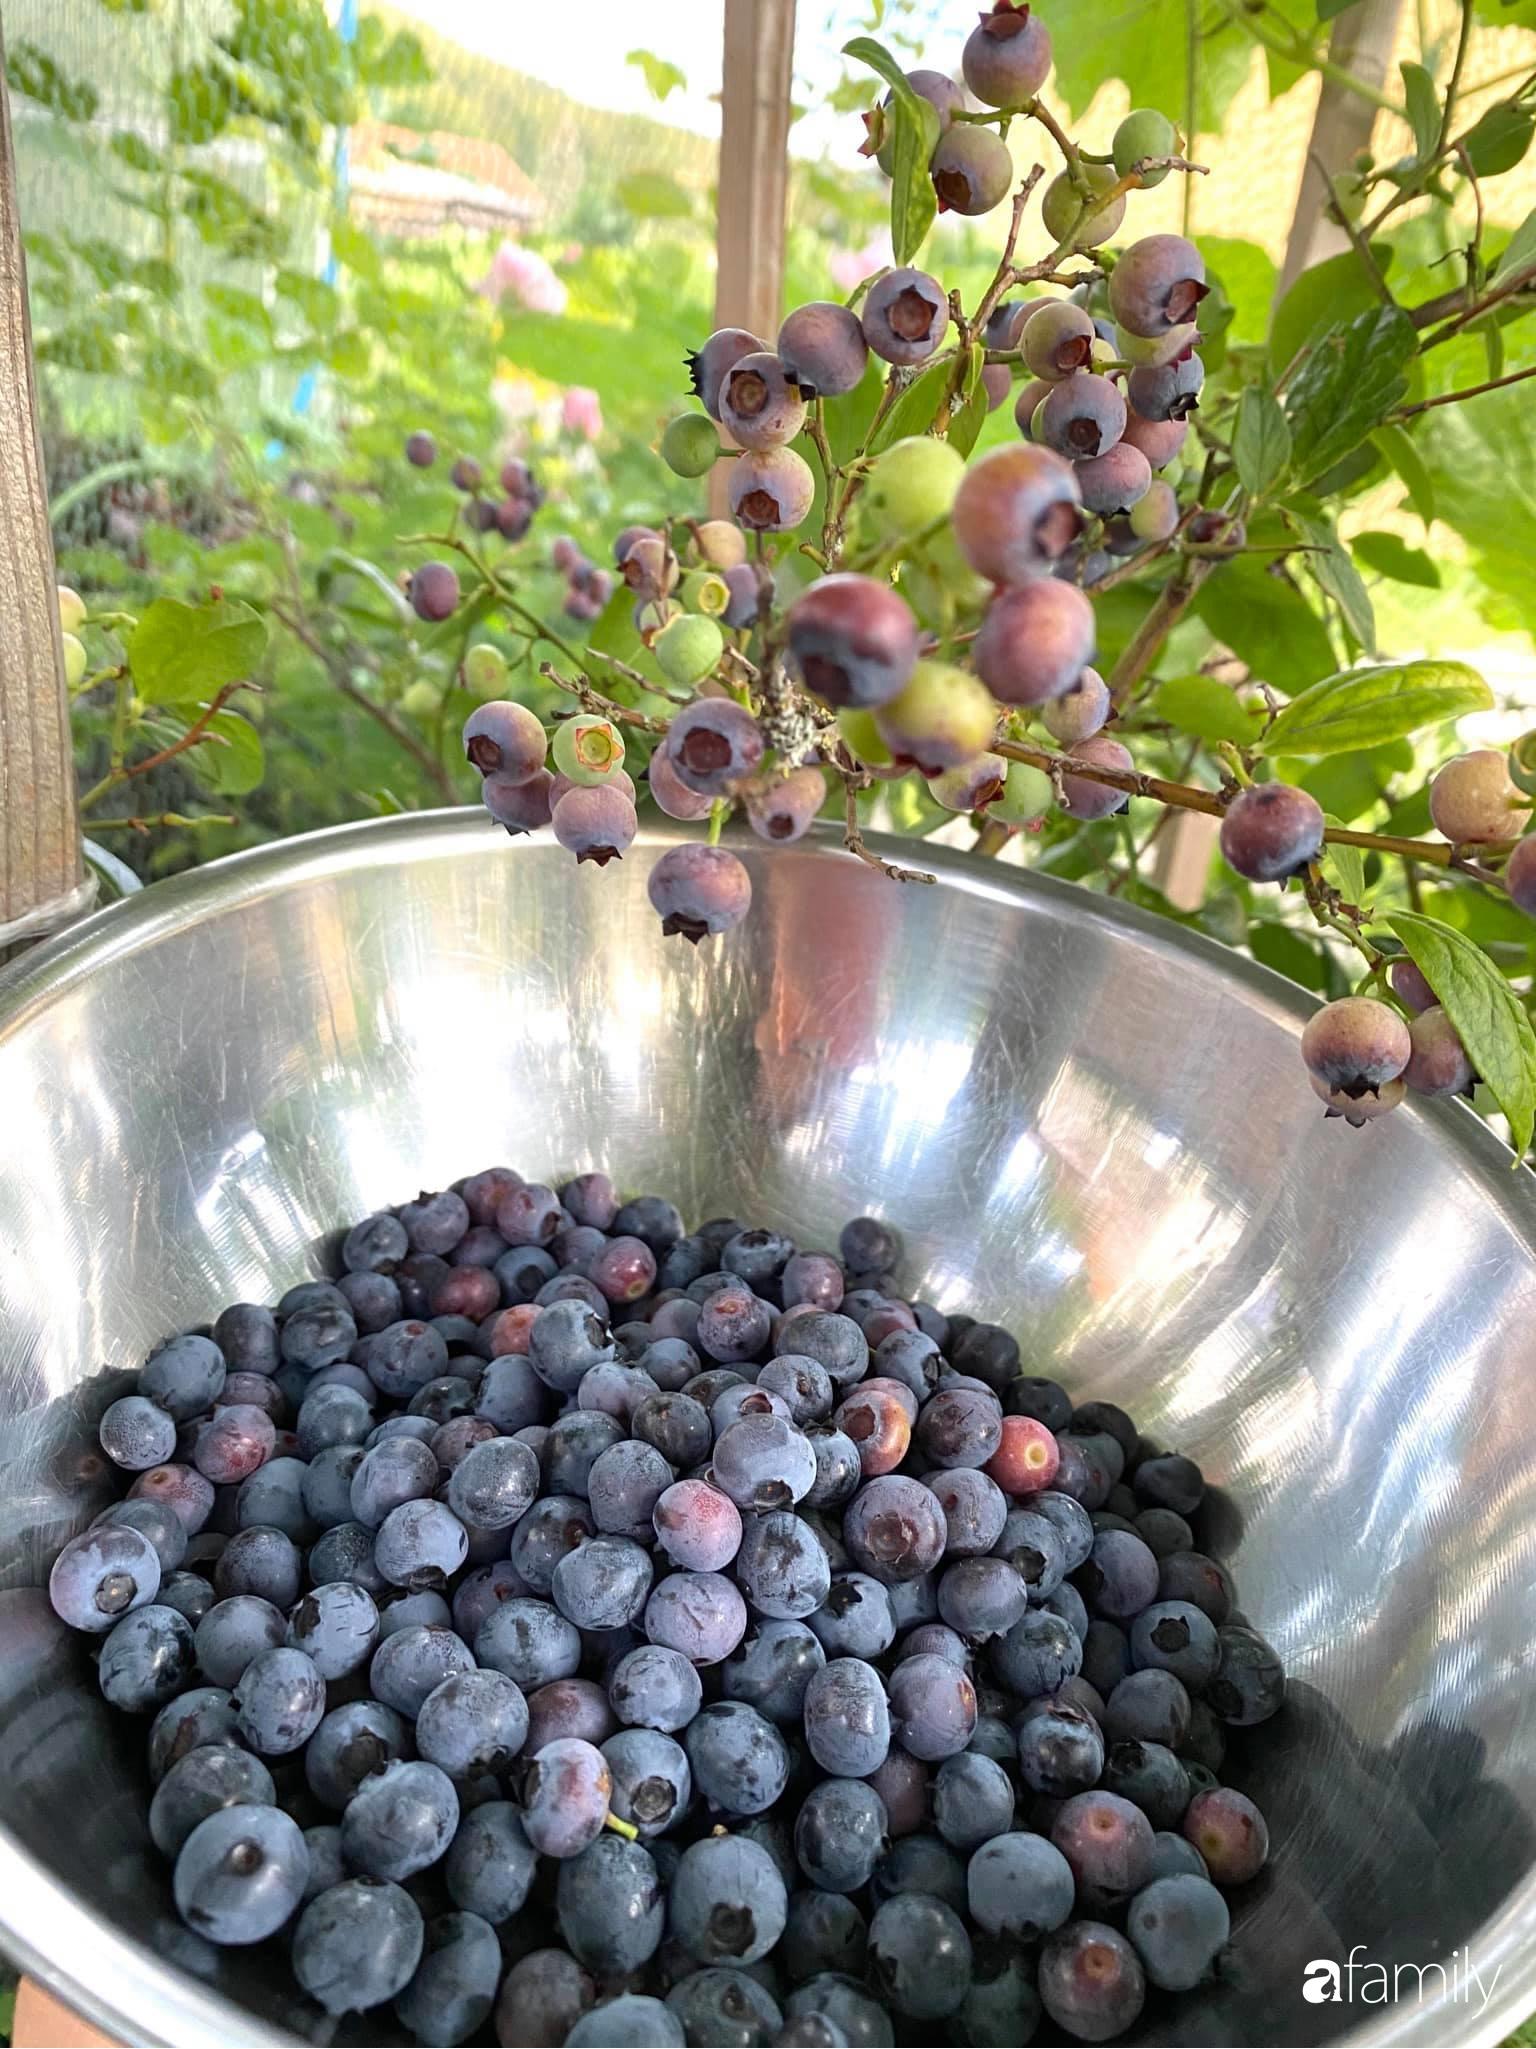 Khu vườn 200m² quanh năm xanh tươi với đủ loại rau quả sạch của mẹ Việt ở Đức - Ảnh 9.